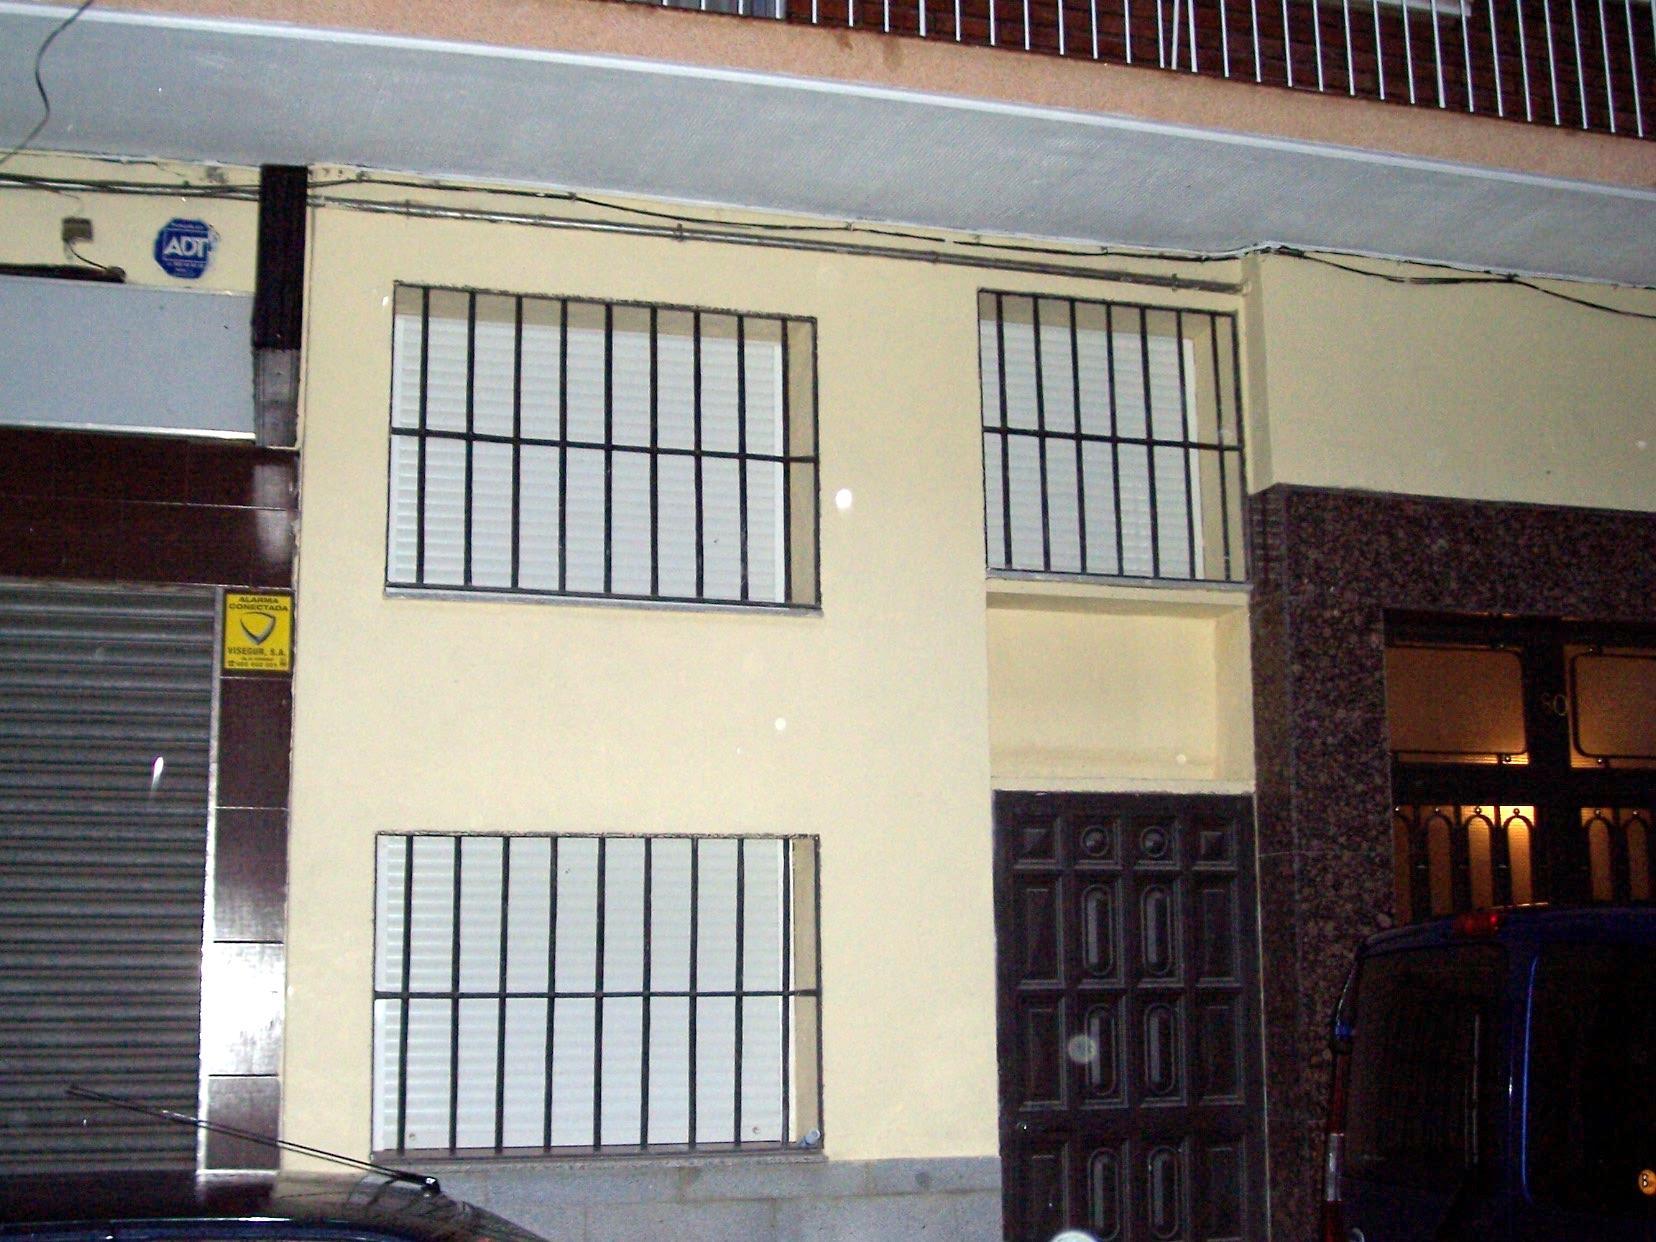 Albarquitectura valoraciones inmobiliarias ite for Cambio de uso de oficina a vivienda